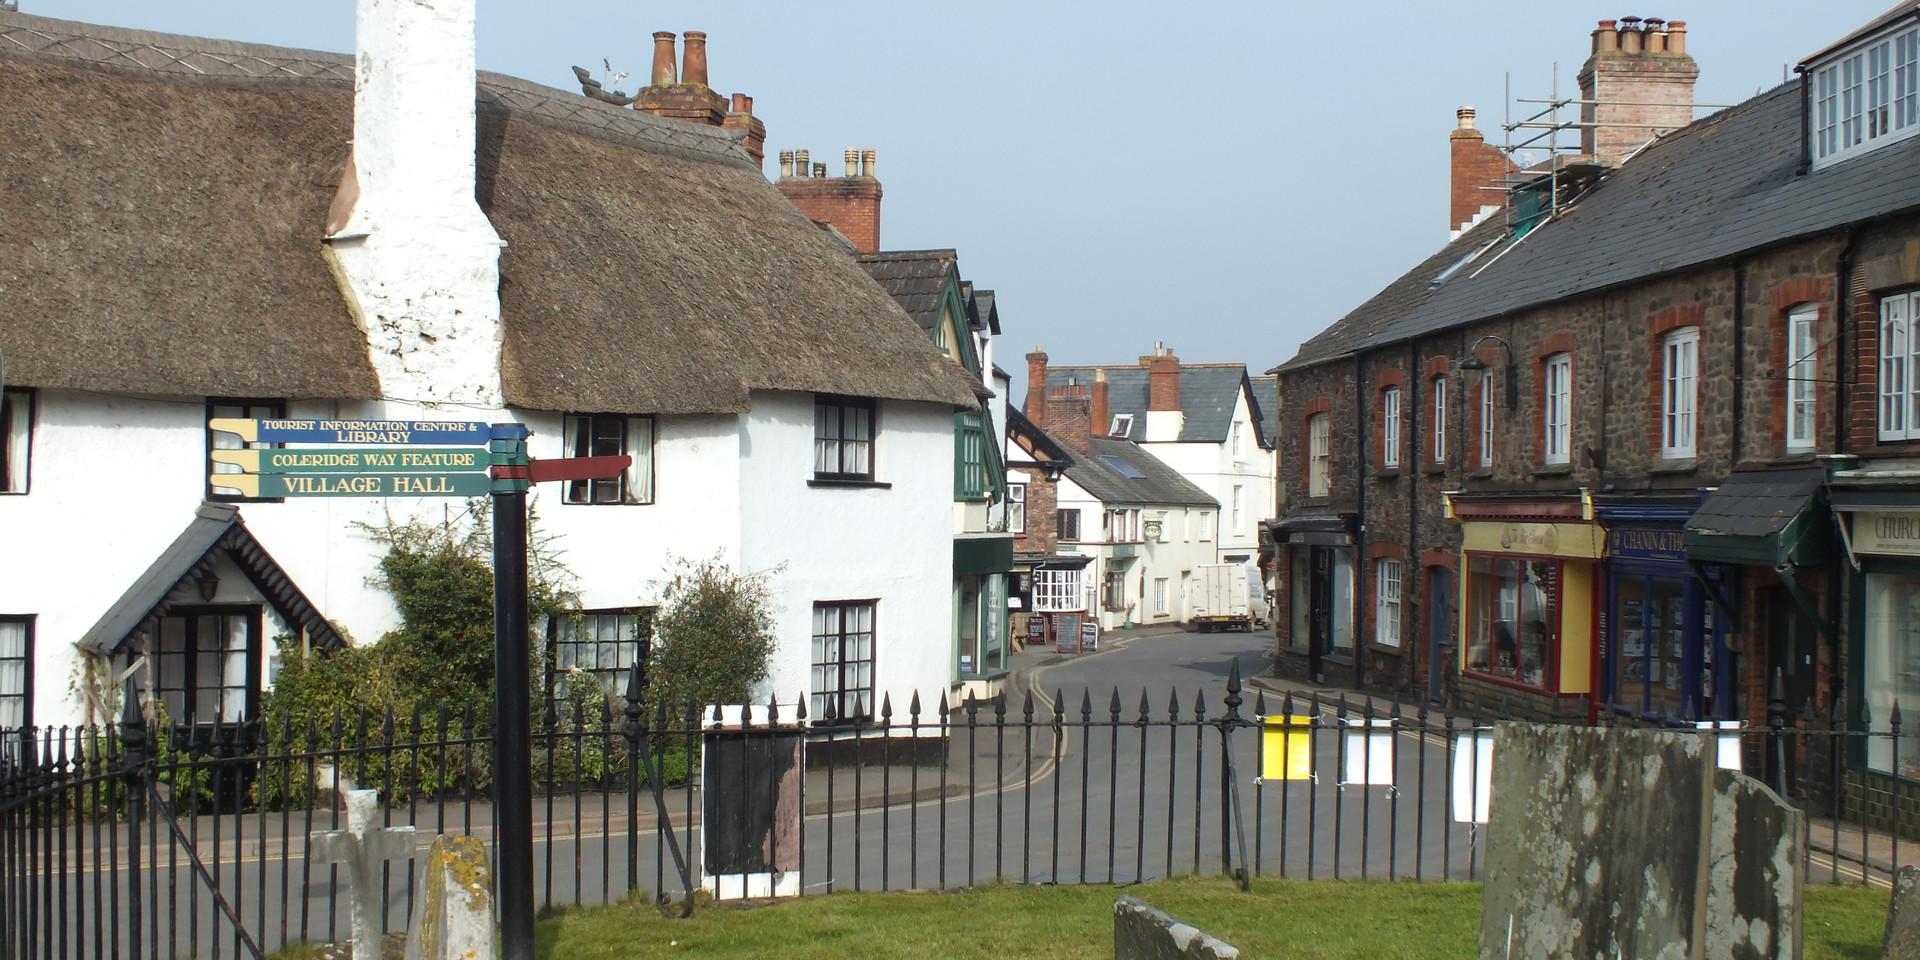 Porlock village